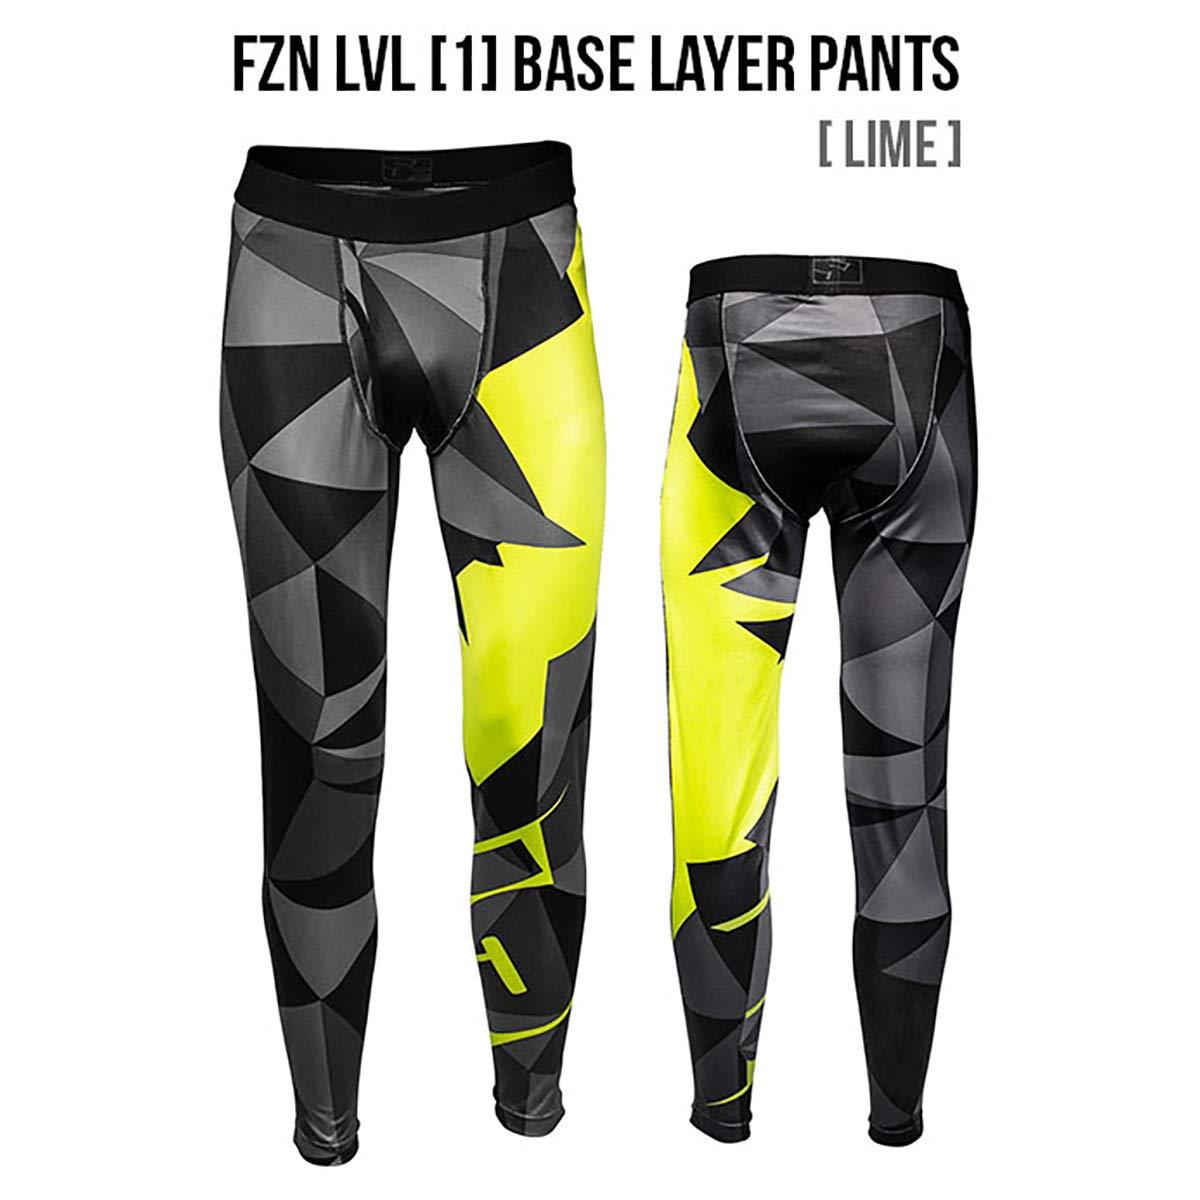 509 FZN LVL 1 Pant (Lime - Small)